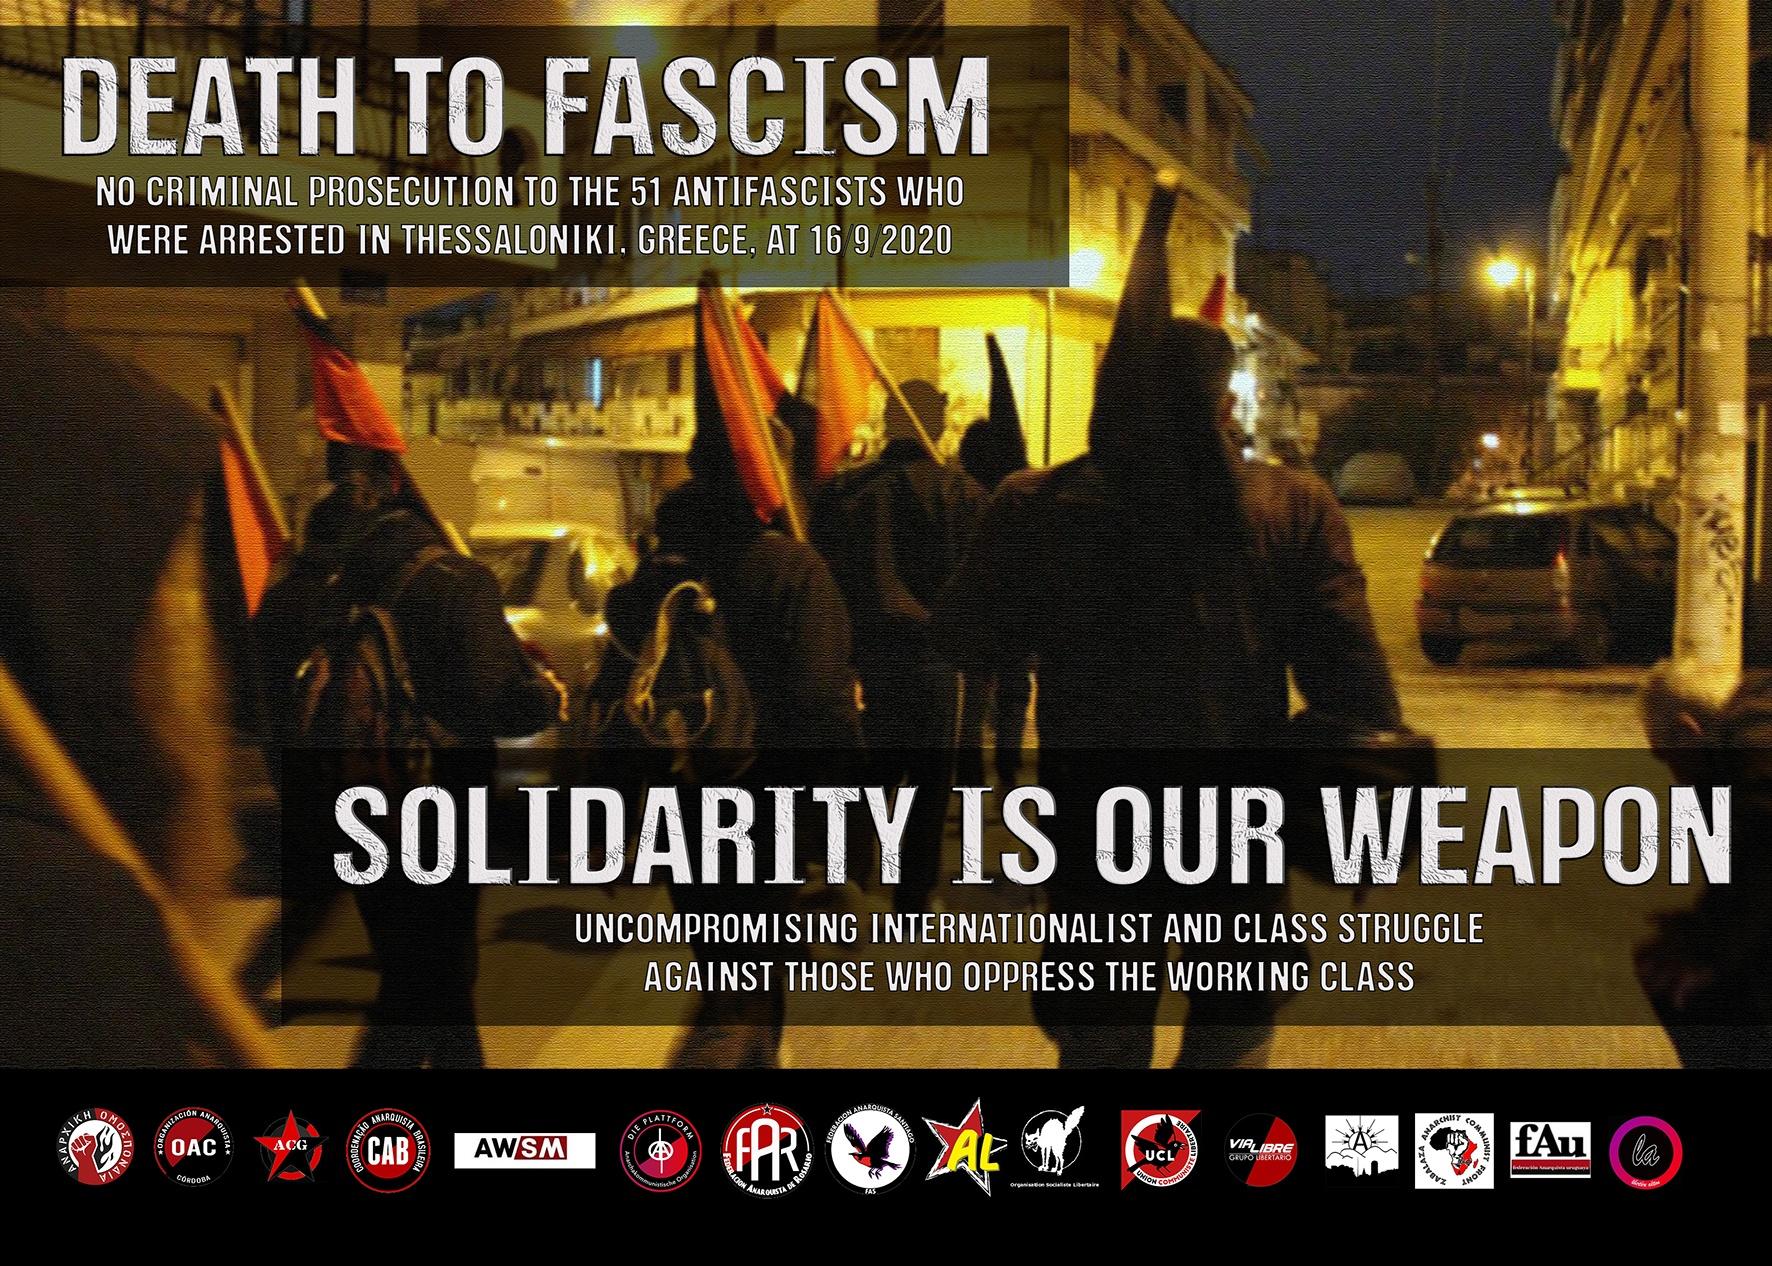 Αλληλεγγύη στους 51 αντιφασίστες/στριες της Θεσσαλονίκης